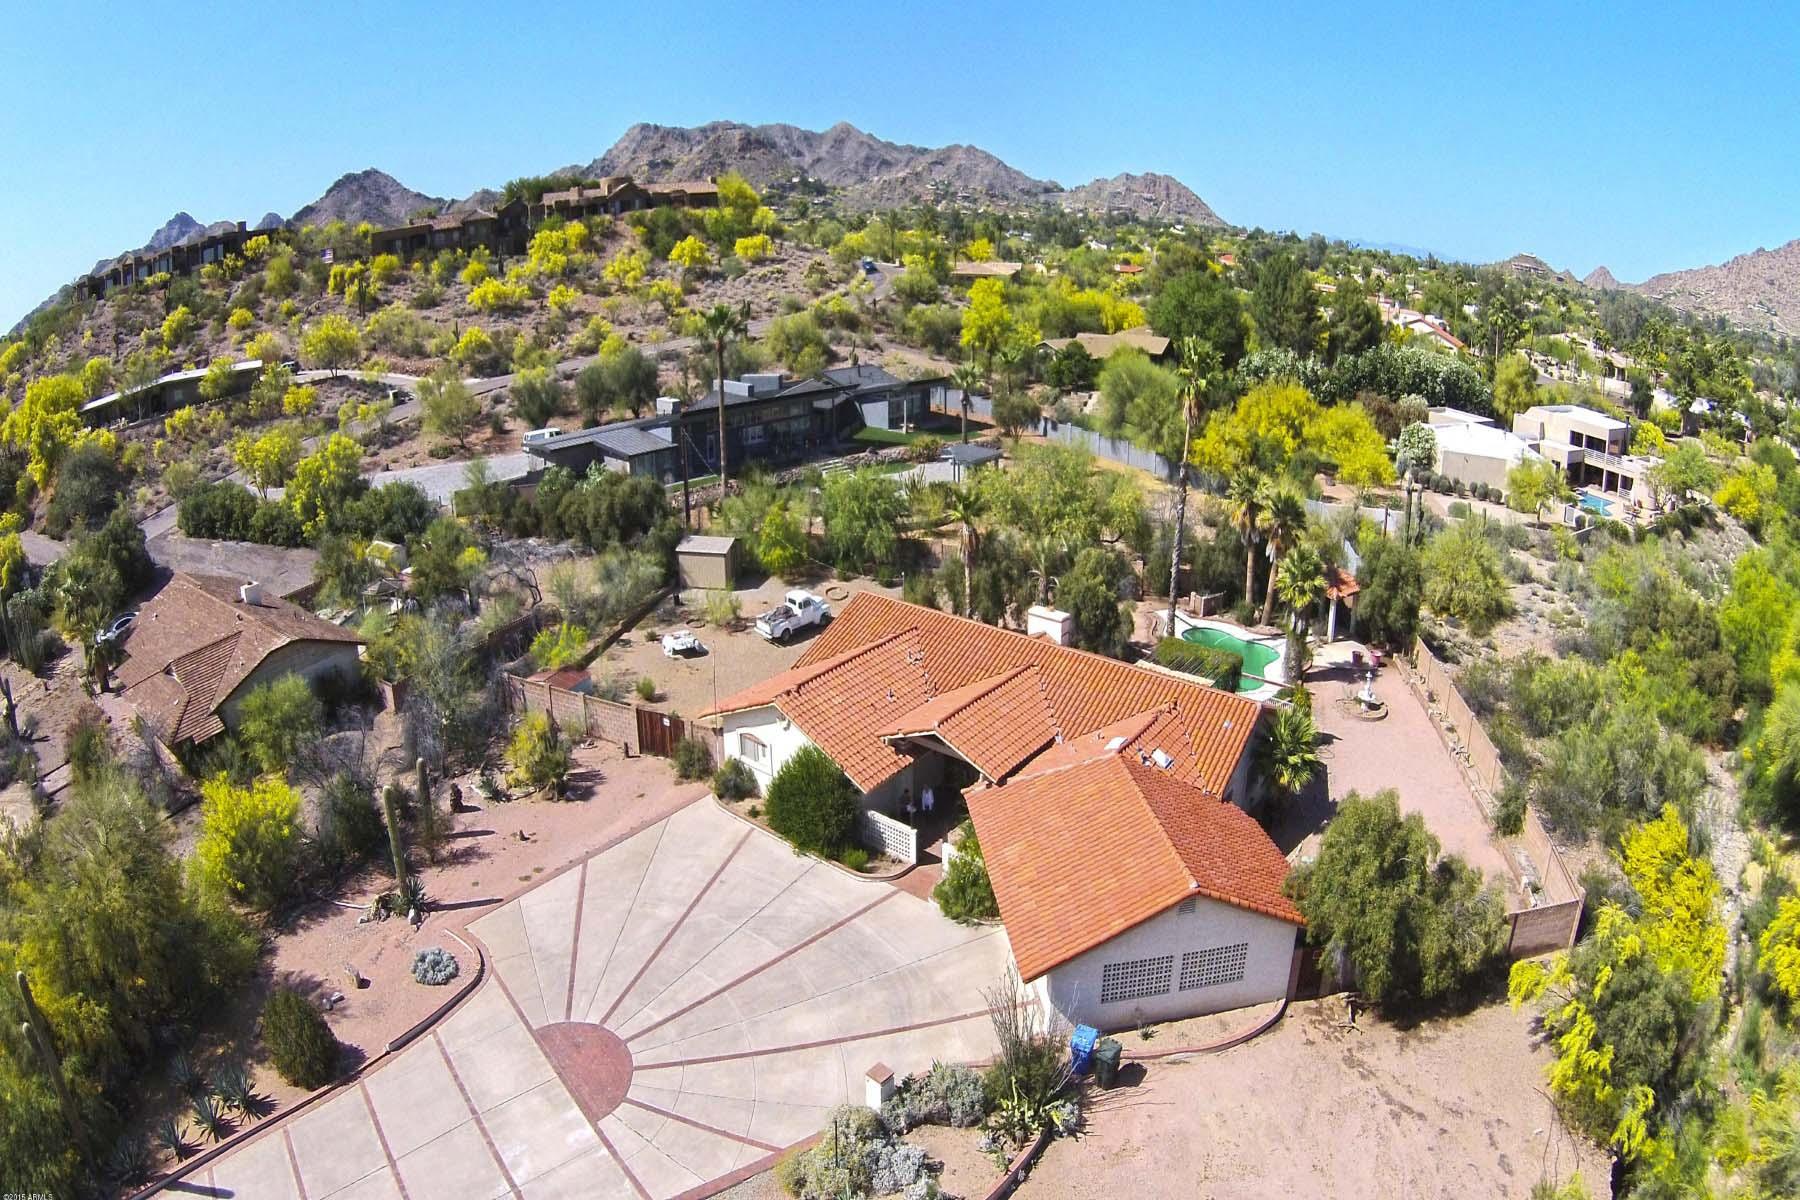 Maison unifamiliale pour l Vente à Lovely Home Located in Camelhead Vista. 4554 E MCDONALD DR Paradise Valley, Arizona 85253 États-Unis